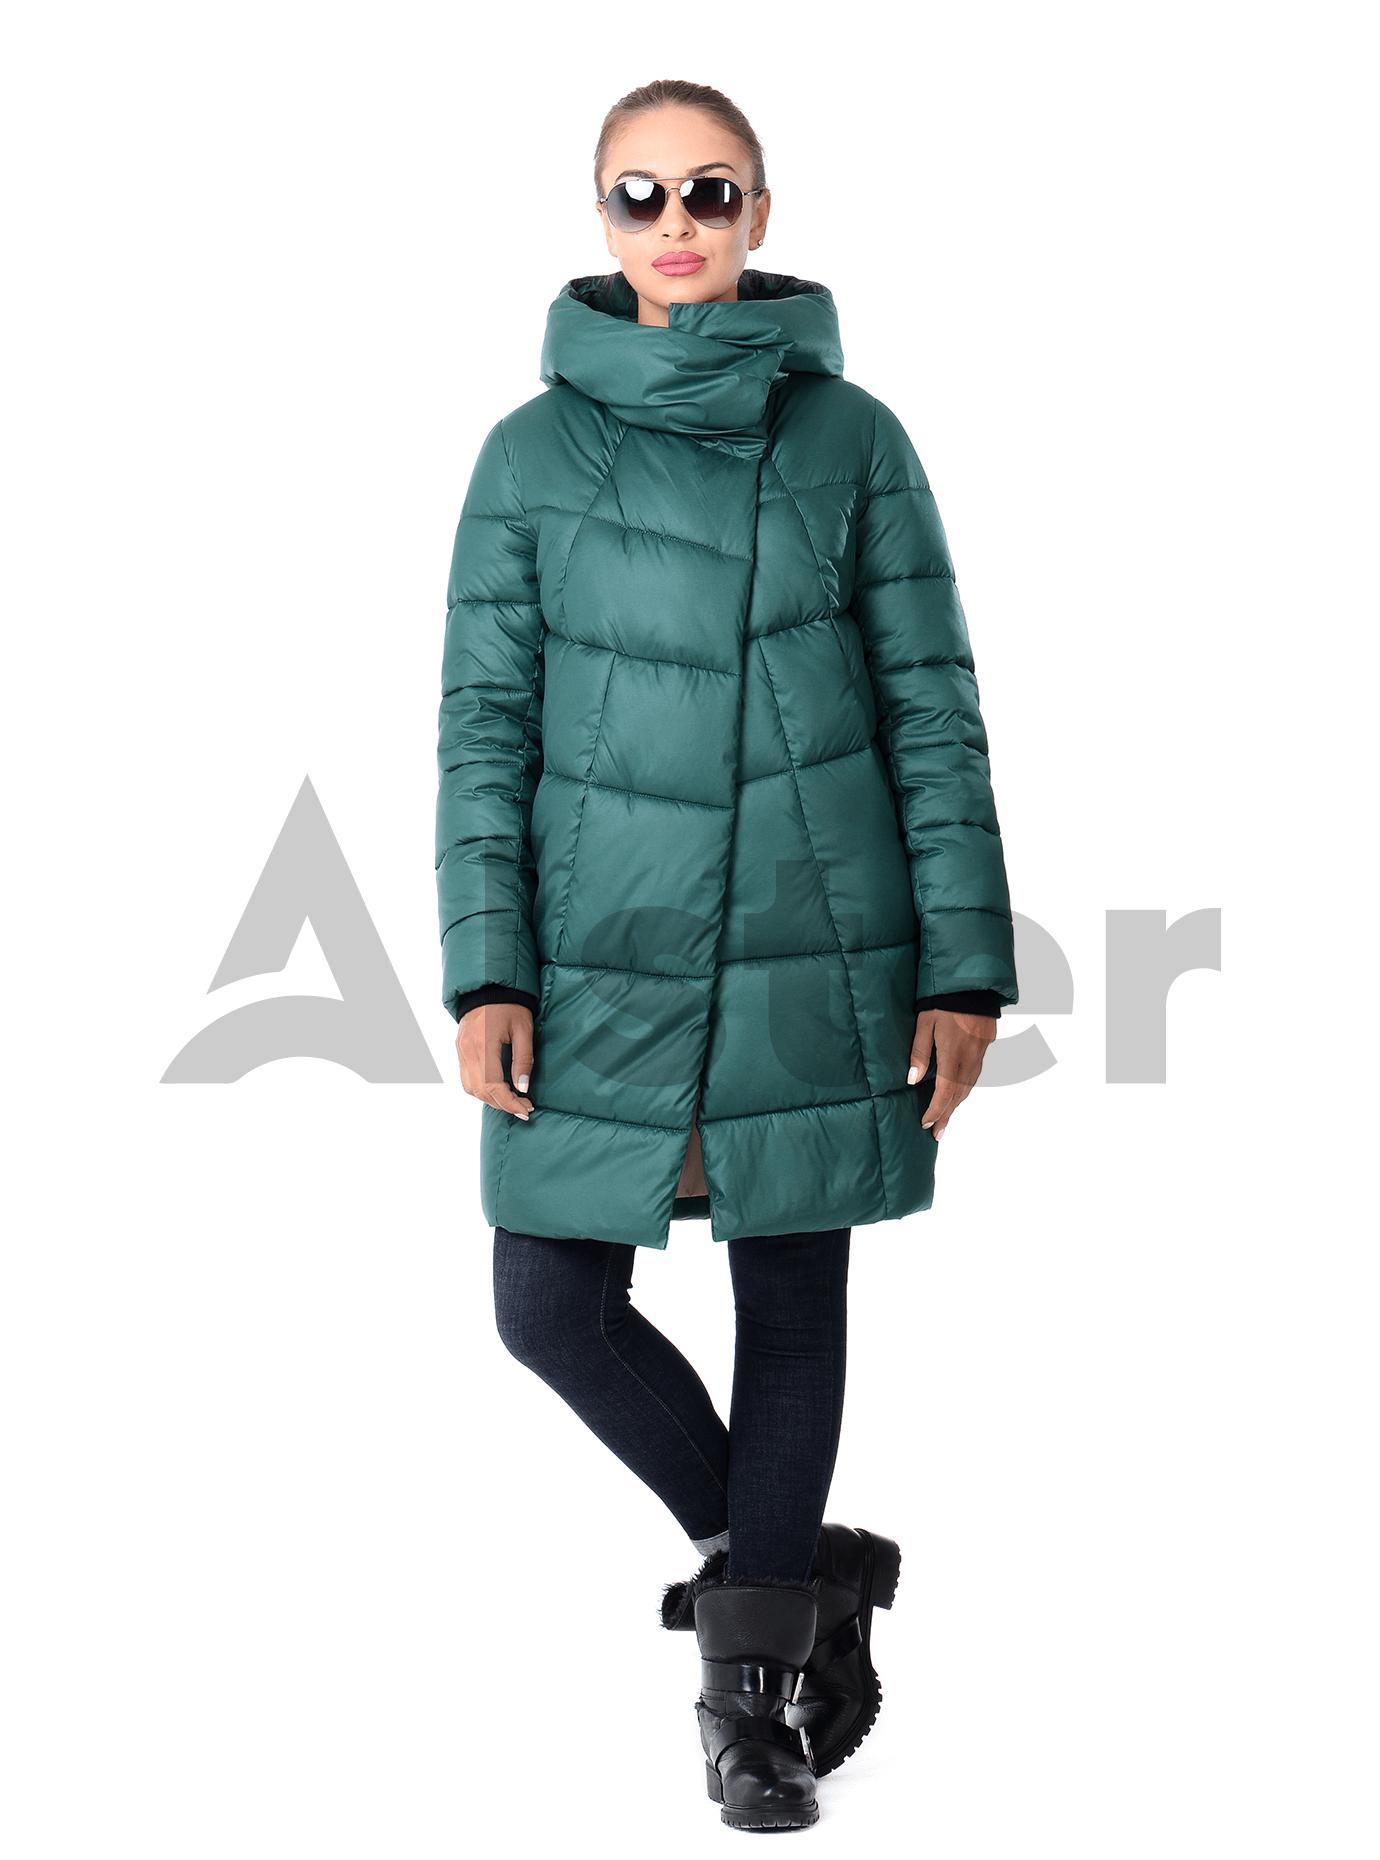 Женская зимняя куртка спортивный стиль Синий 42 (02-KT190531): фото - Alster.ua